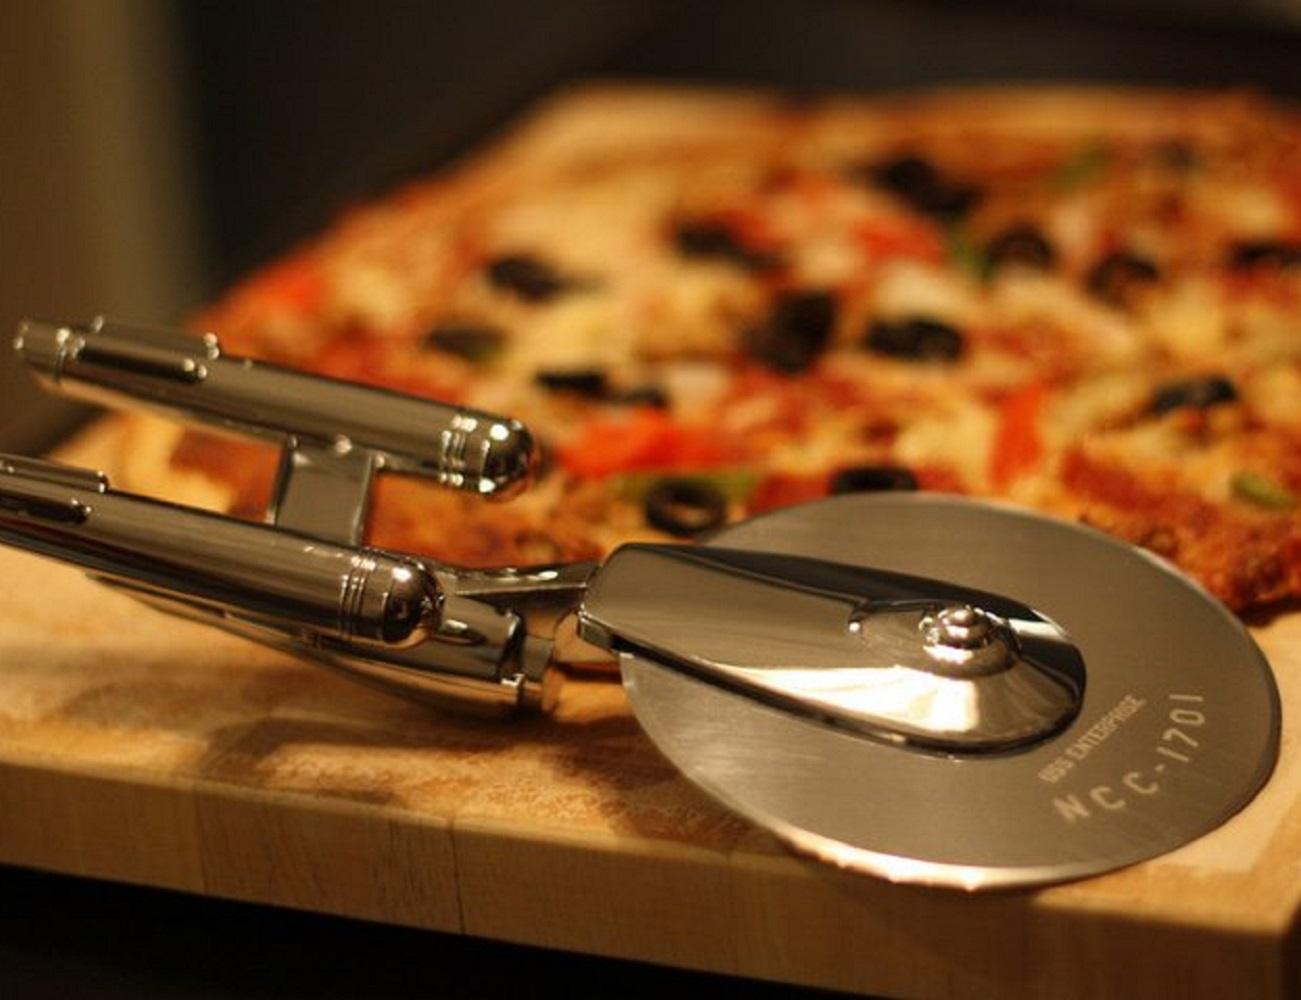 Star+Trek+Enterprise+Pizza+Cutter